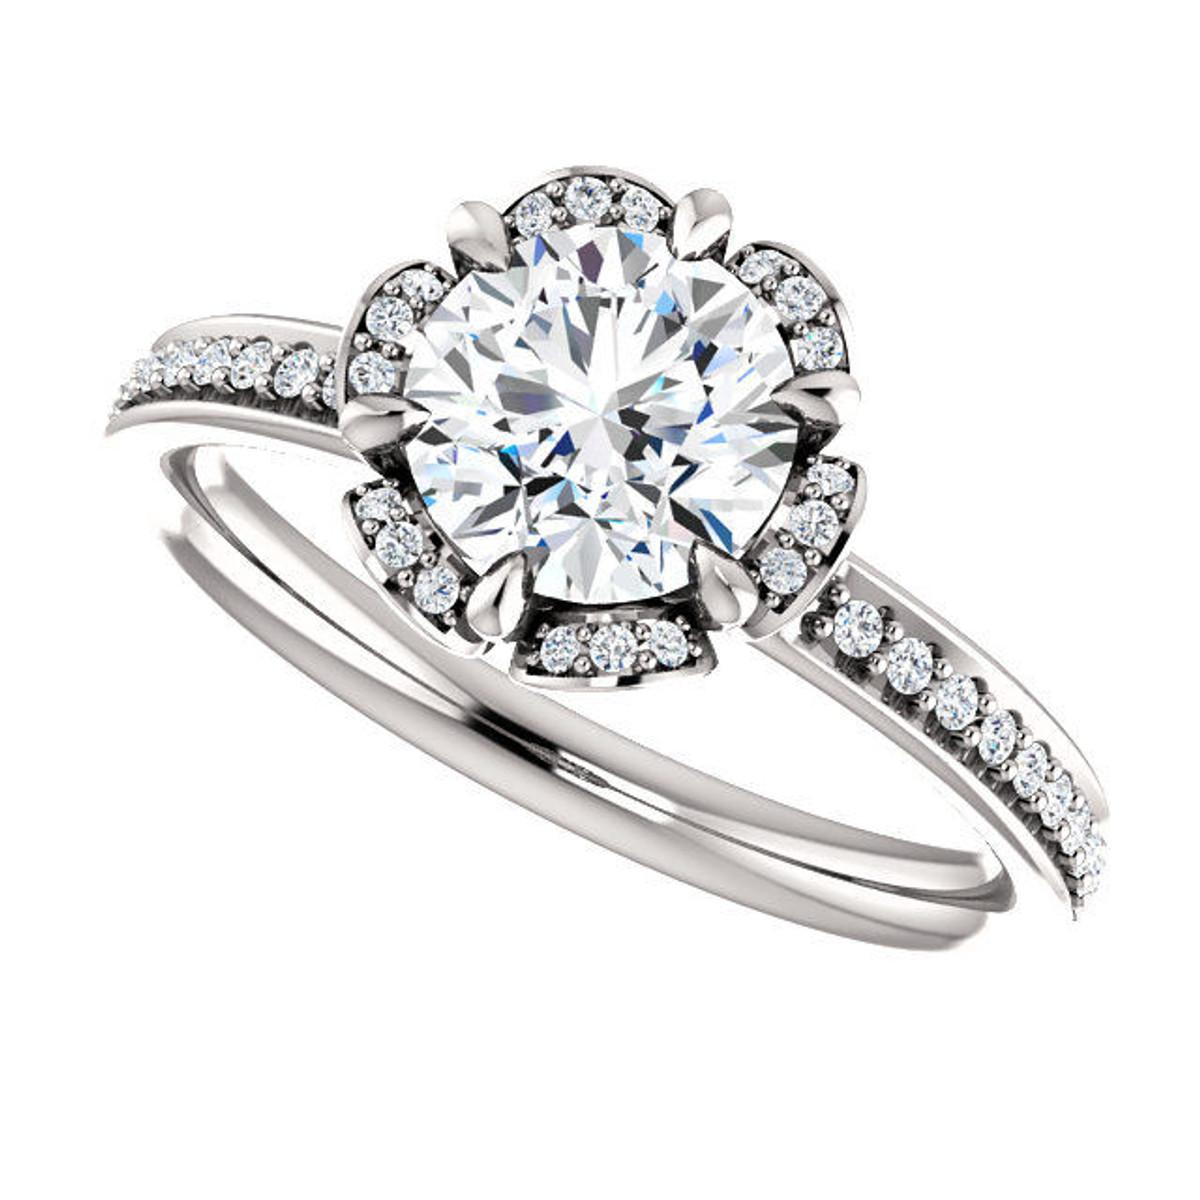 White Gold Flower Design Diamond Engagement Ring